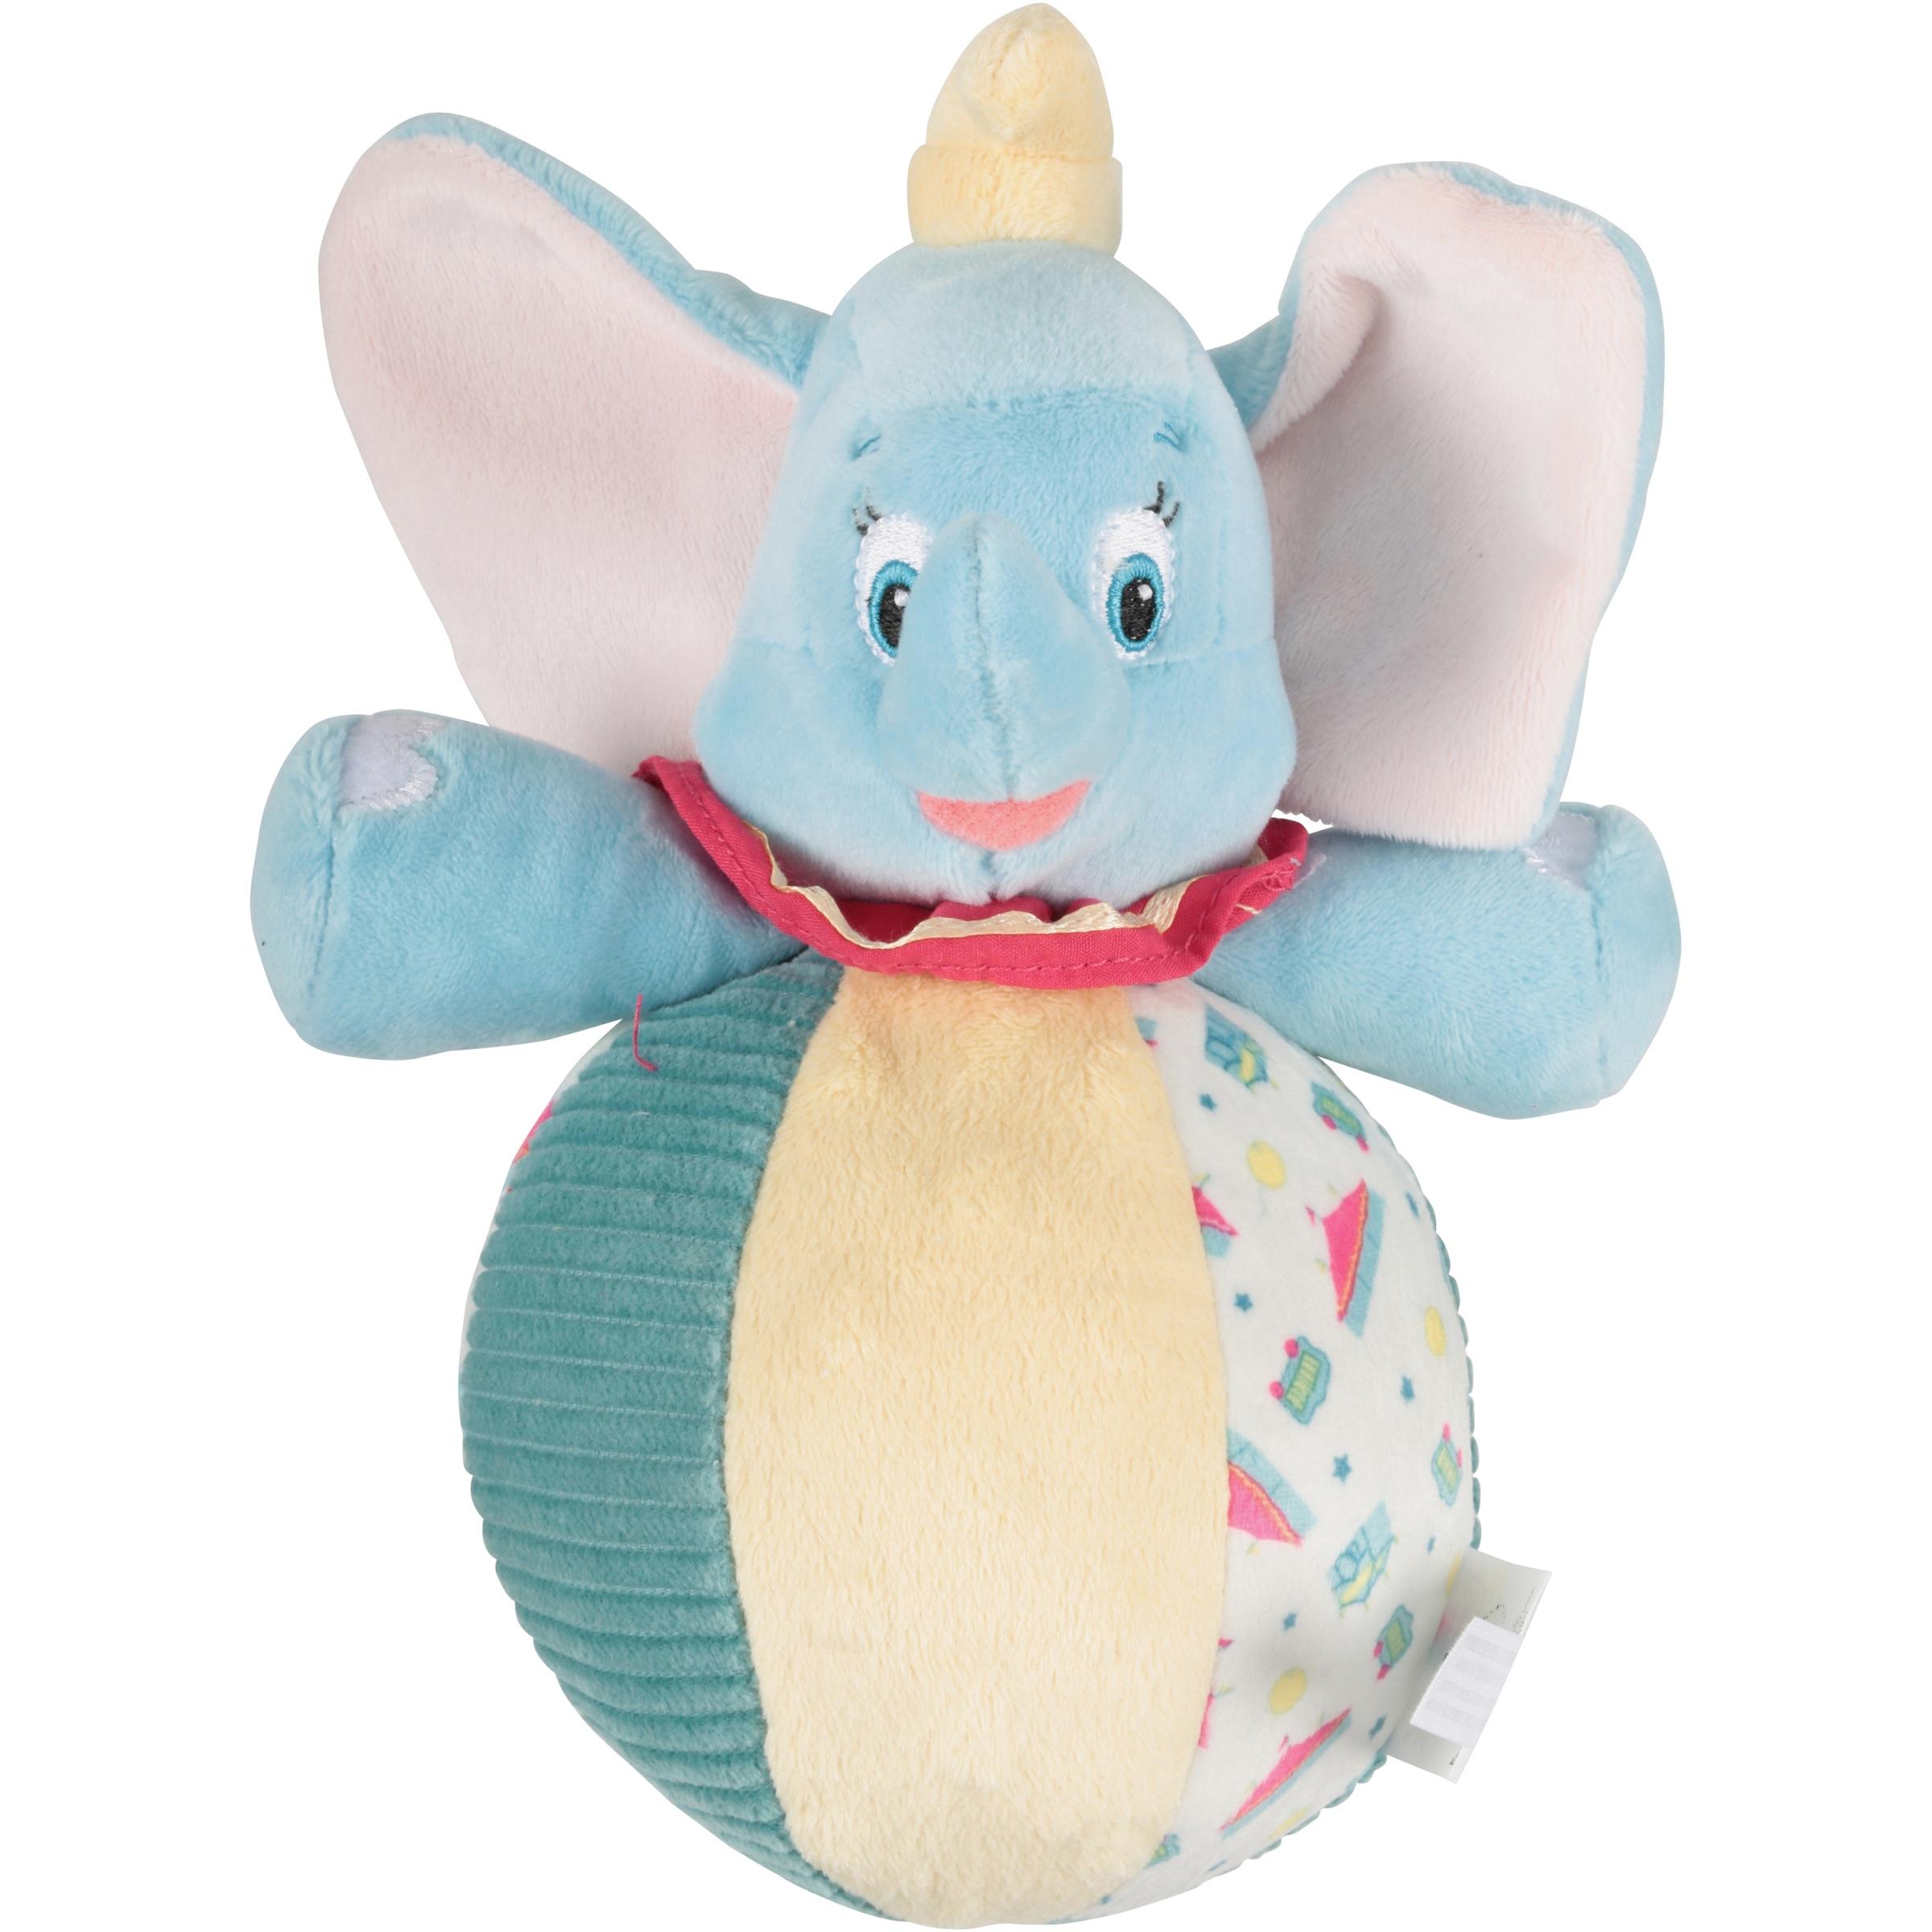 Disney Baby Dumbo